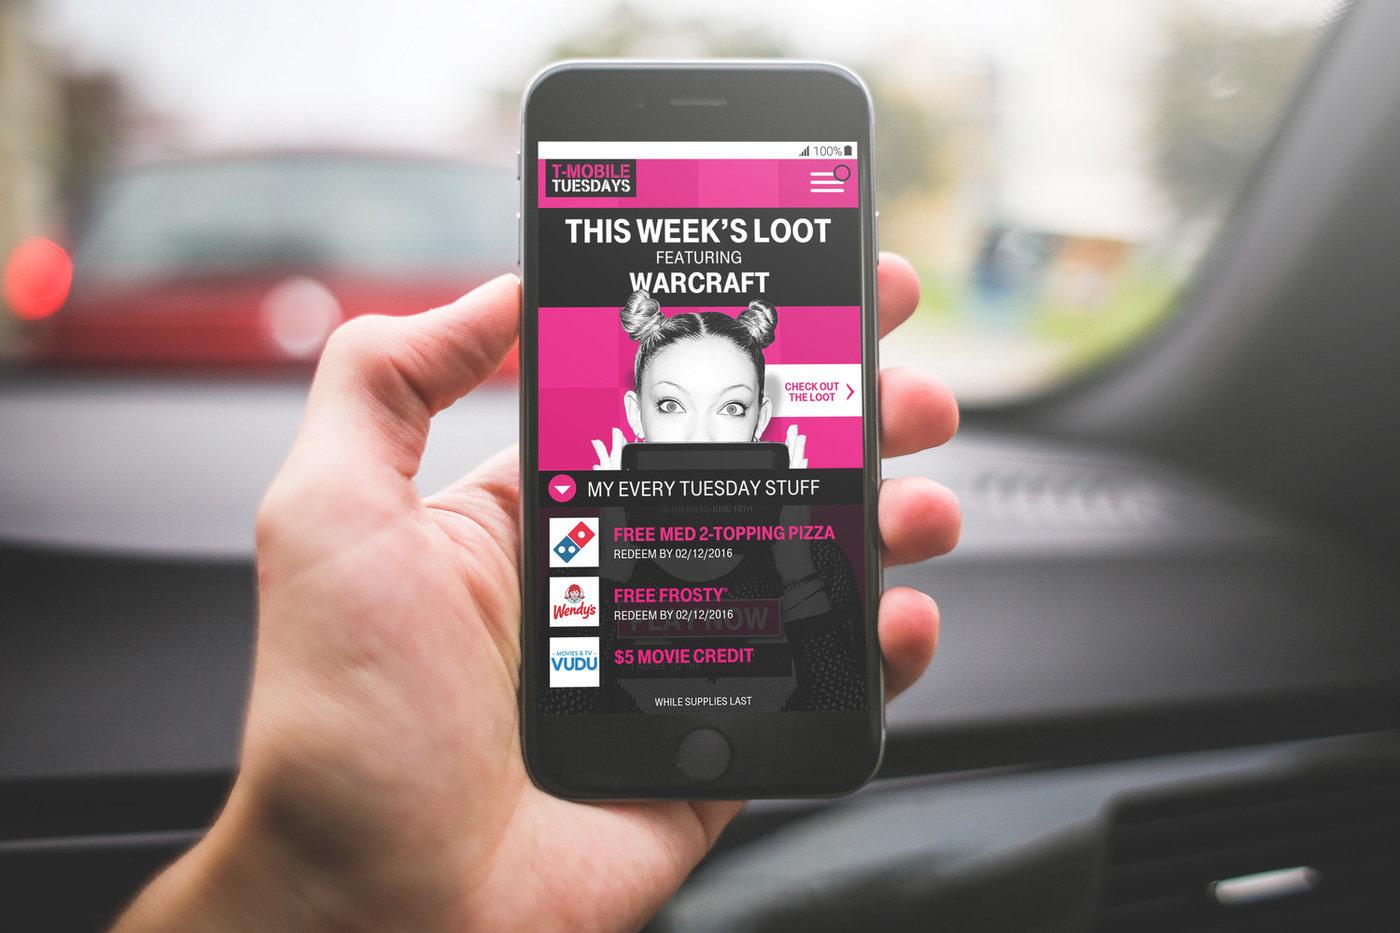 UI for T-Mobile Tuesdays by Sam Gensburg at Coroflot com